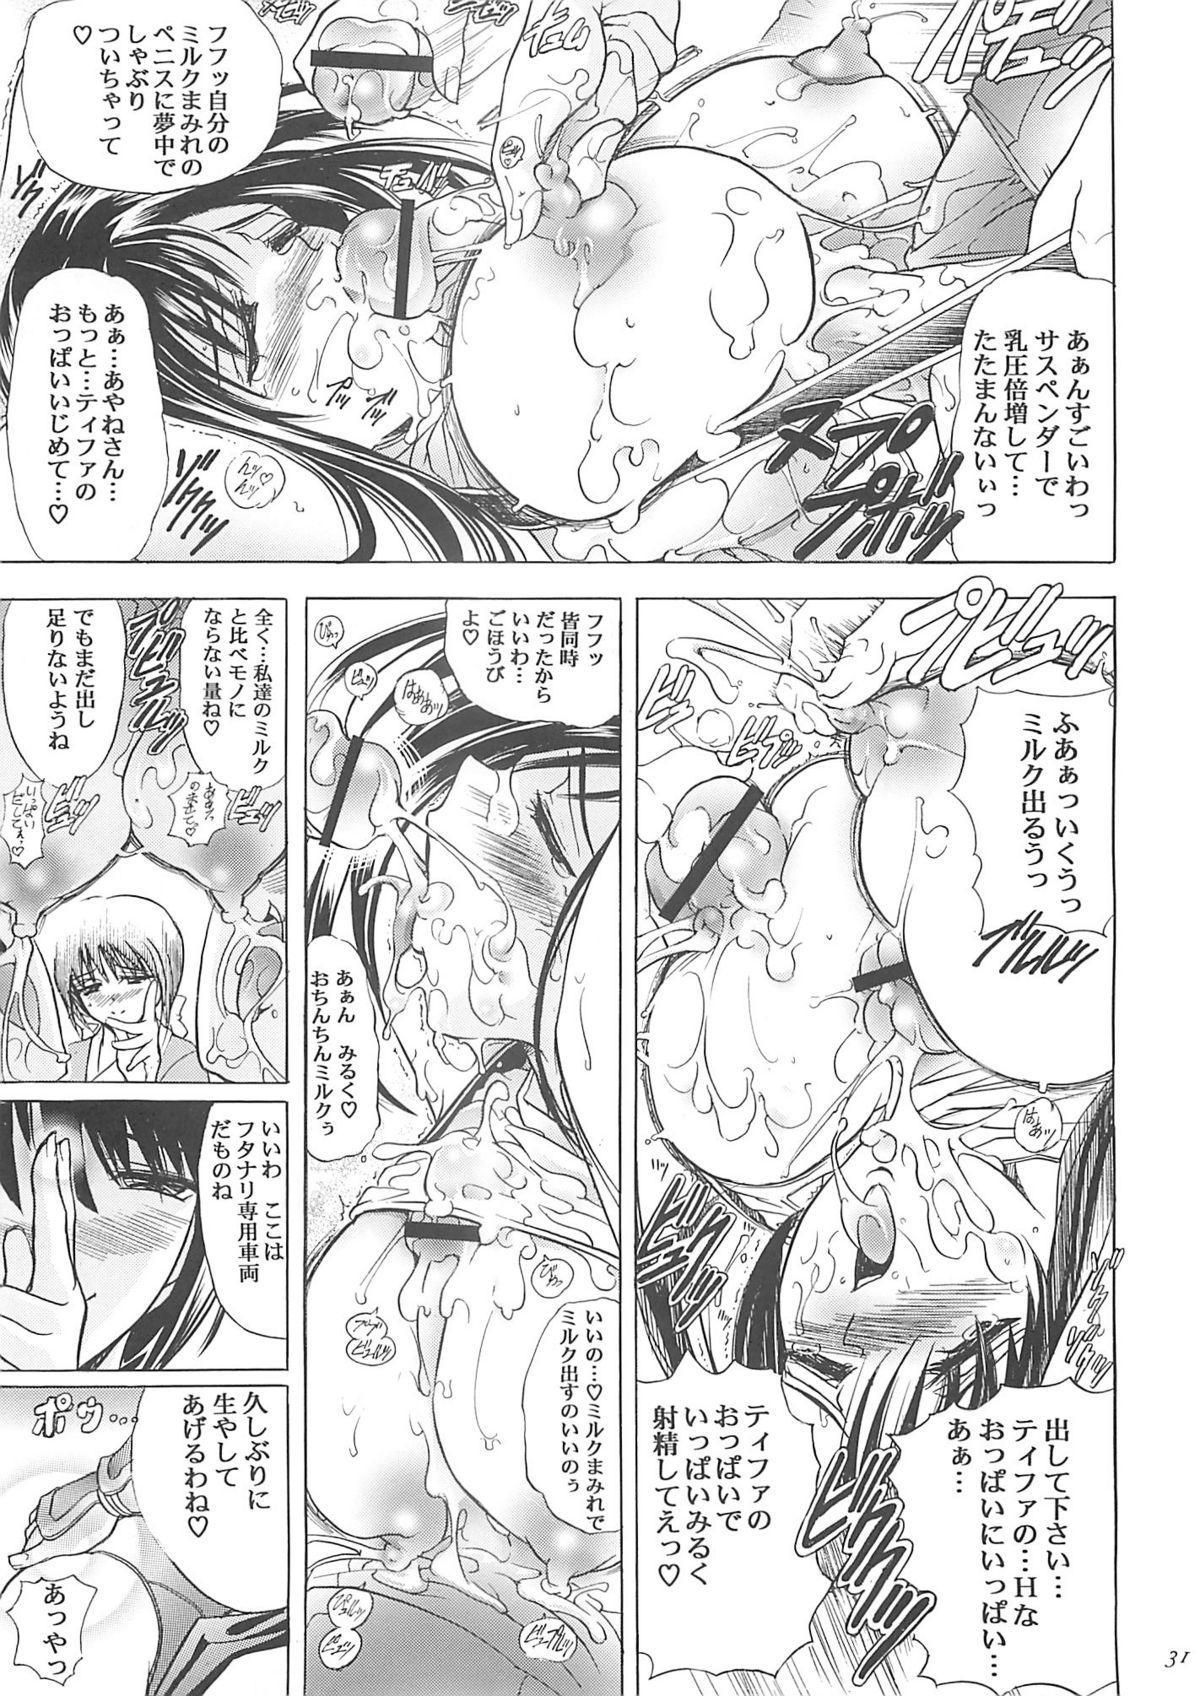 (C65) [Kawaraya Honpo (Kawaraya A-ta)] Hana - Maki no Nana - Hibana (Dead or Alive, Final Fantasy VII, Street Fighter) 29